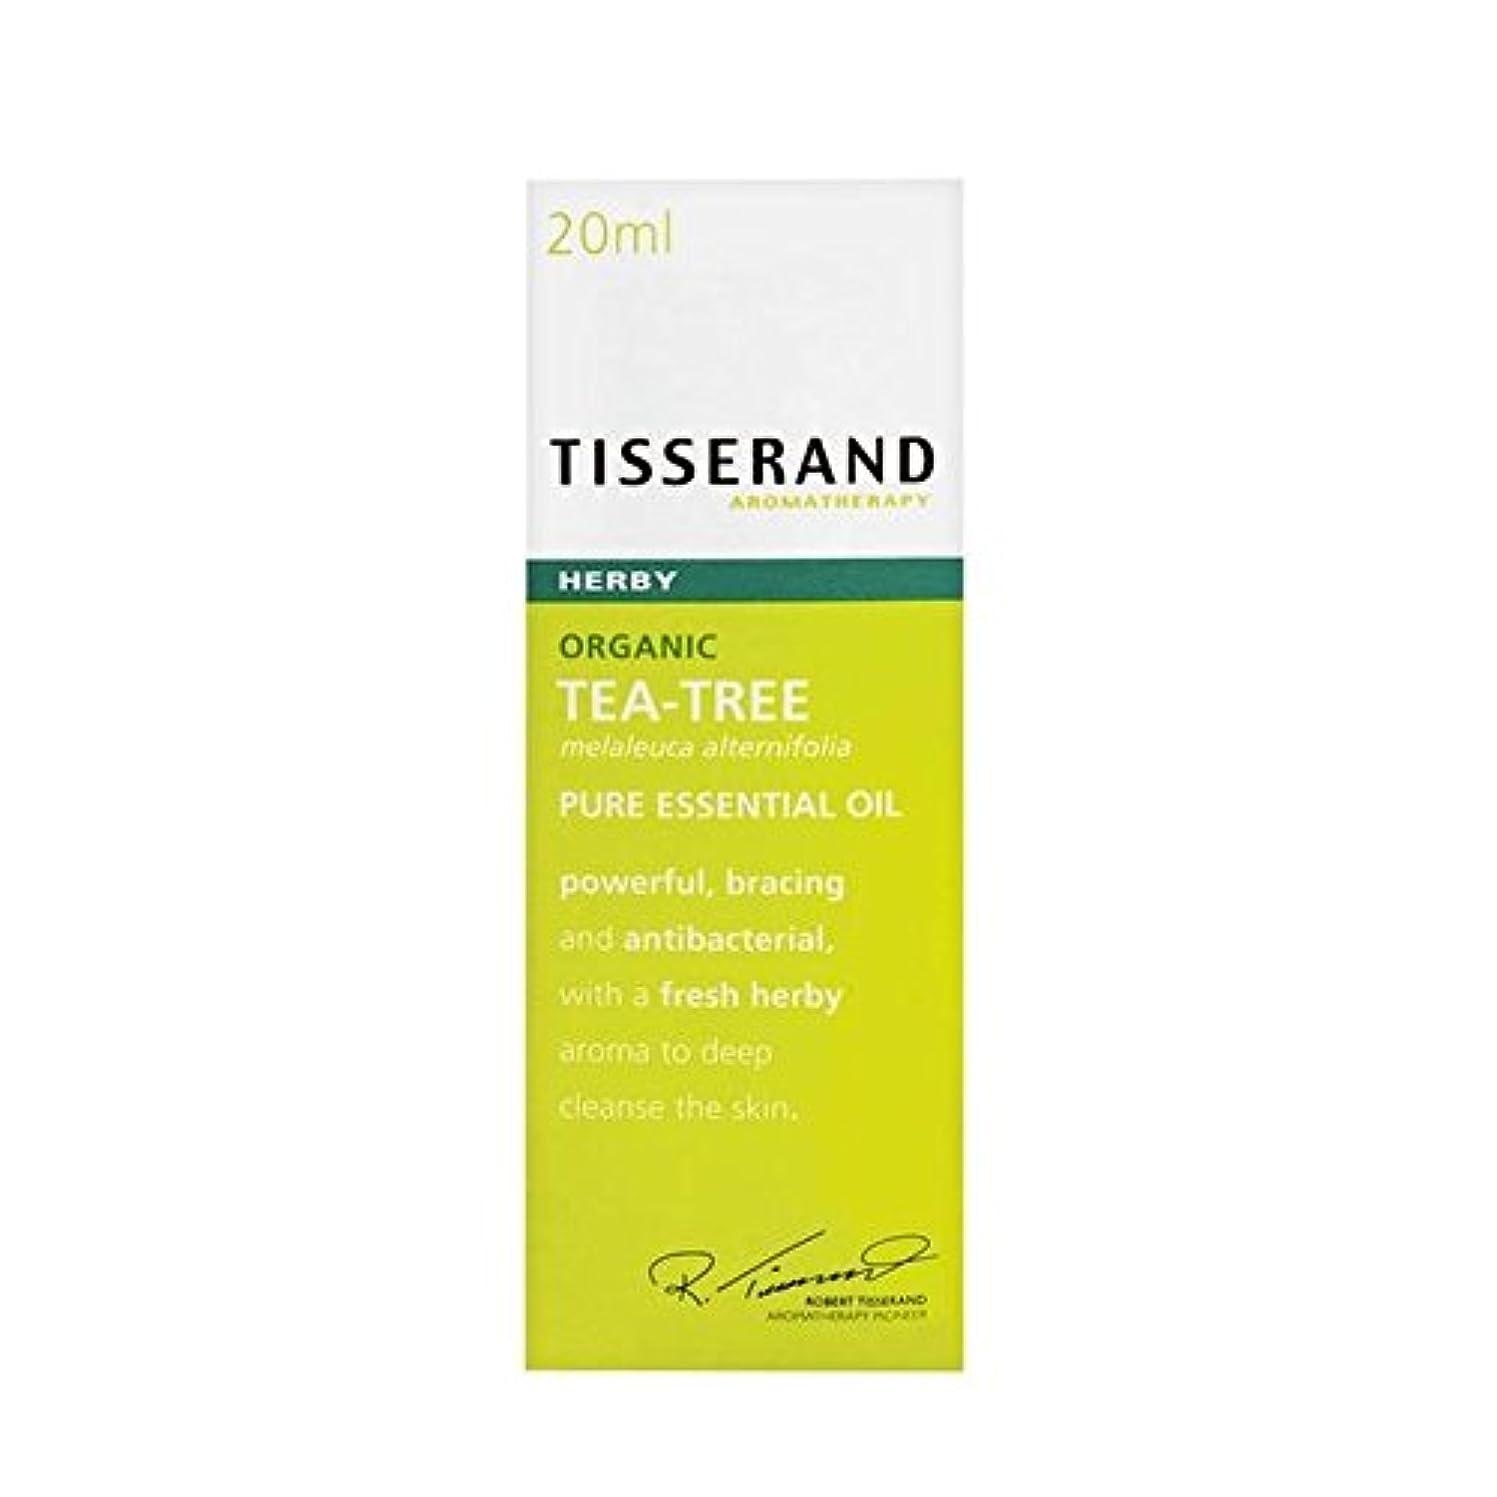 興奮する差安全なTisserand Tea Tree Organic Pure Essential Oil 20ml - ティスランドティーツリーオーガニックピュアエッセンシャルオイル20ミリリットル [並行輸入品]